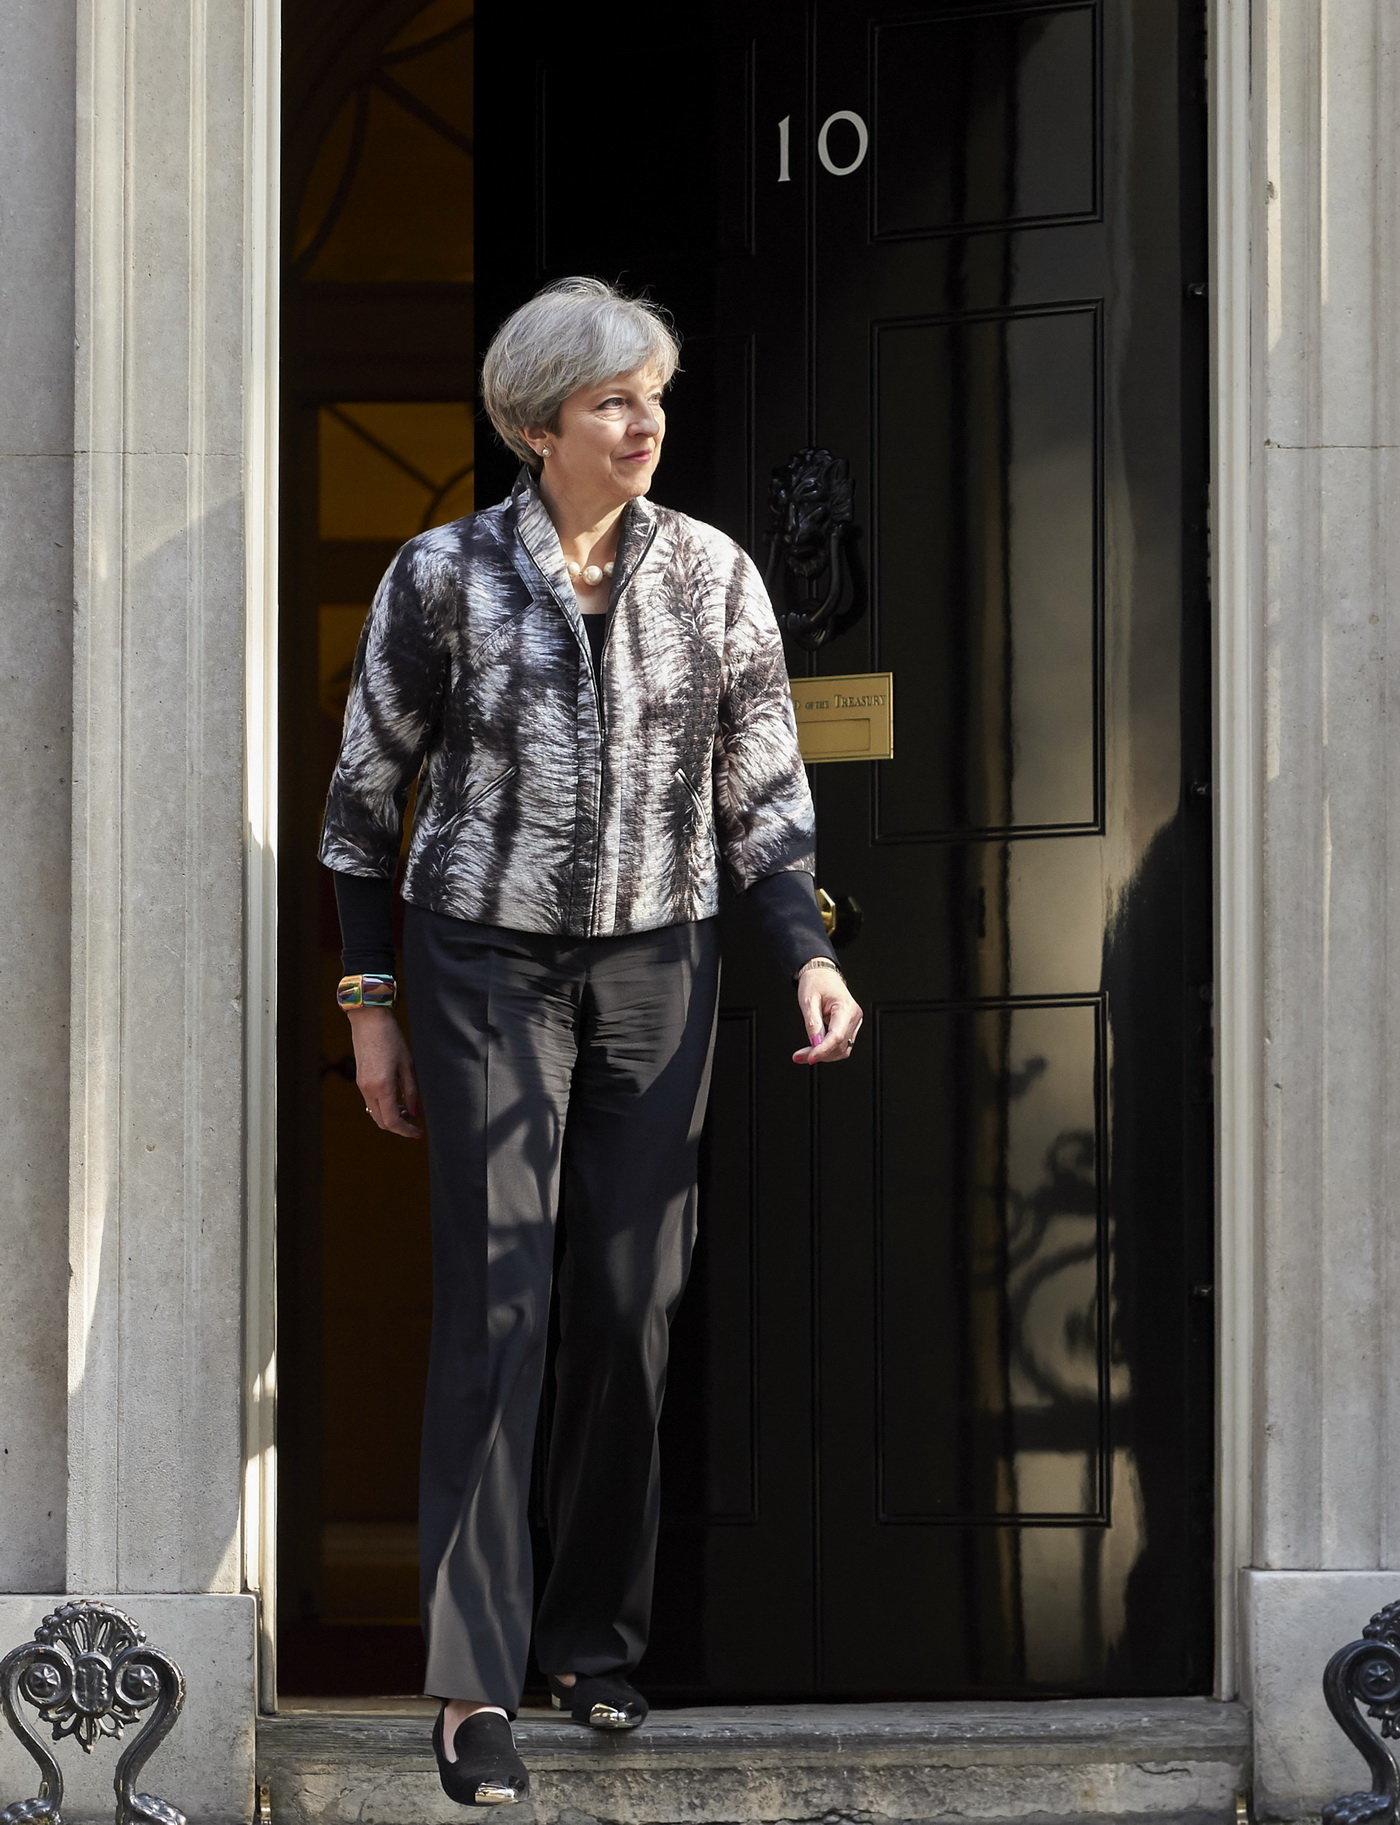 Britové pokračují v debatě o brexitu. Získá Mayová podporu většiny poslanců? - anotační obrázek